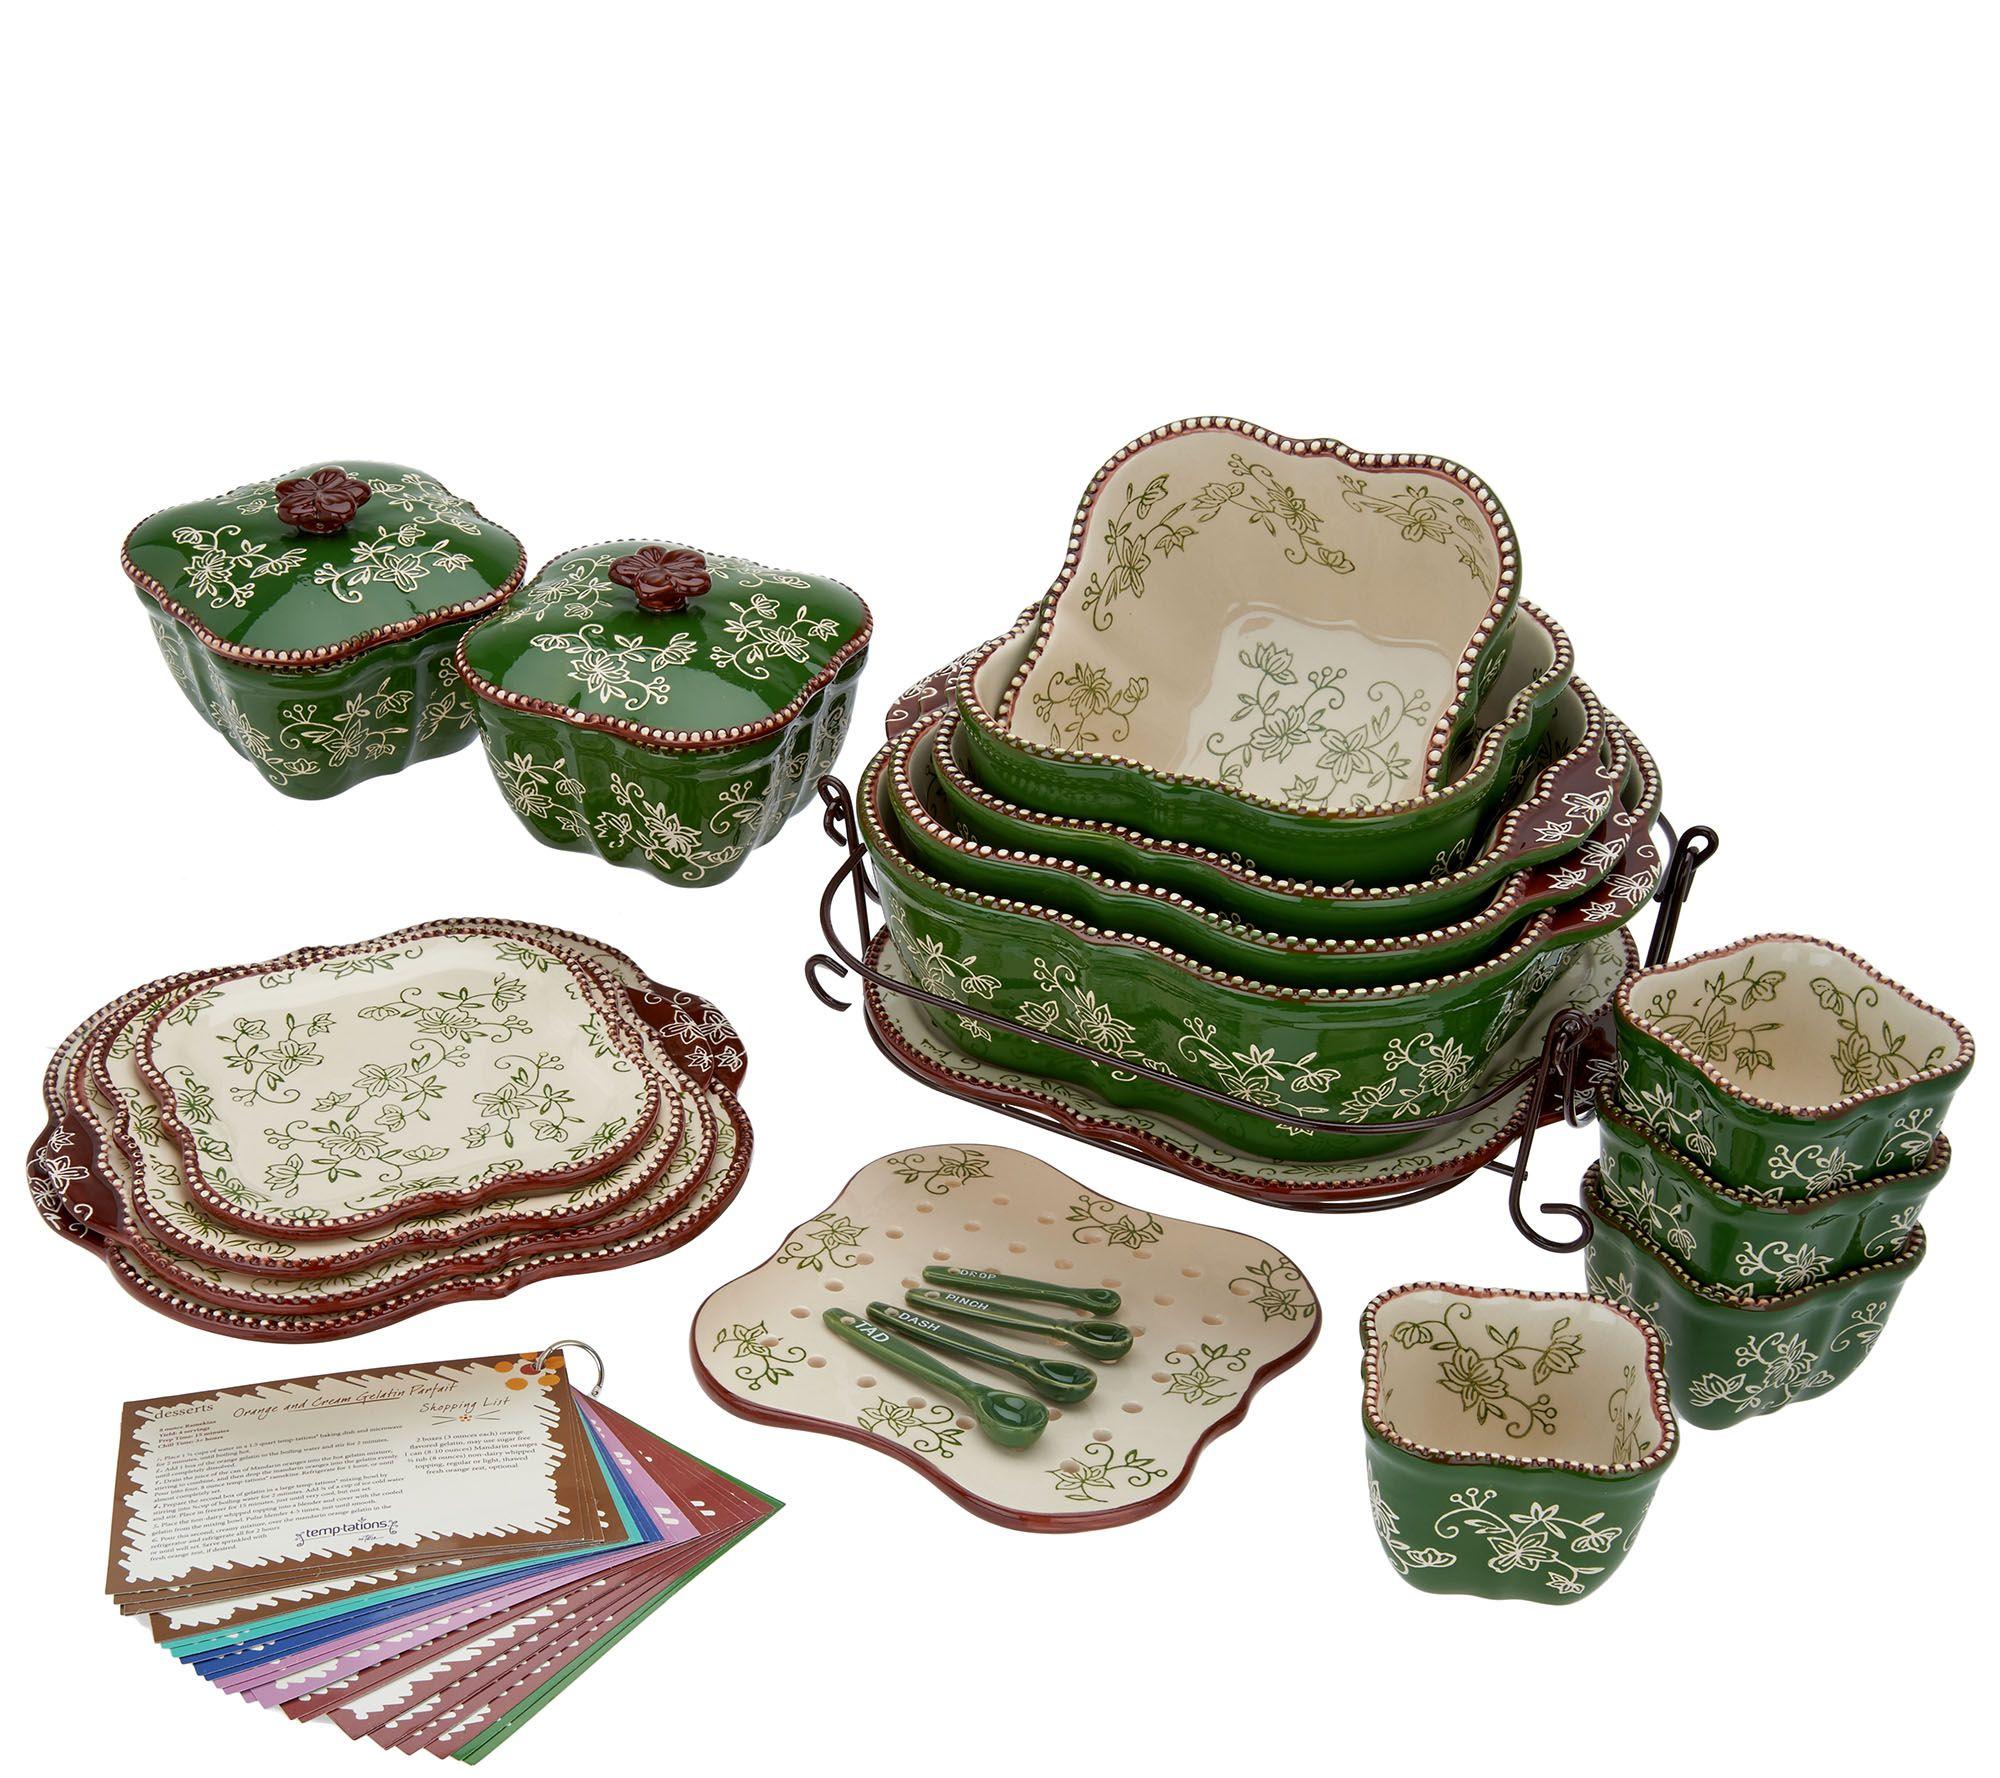 sc 1 st  QVC.com & Temp-tations Floral Lace 25-Piece Bakeware Set - Page 1 u2014 QVC.com